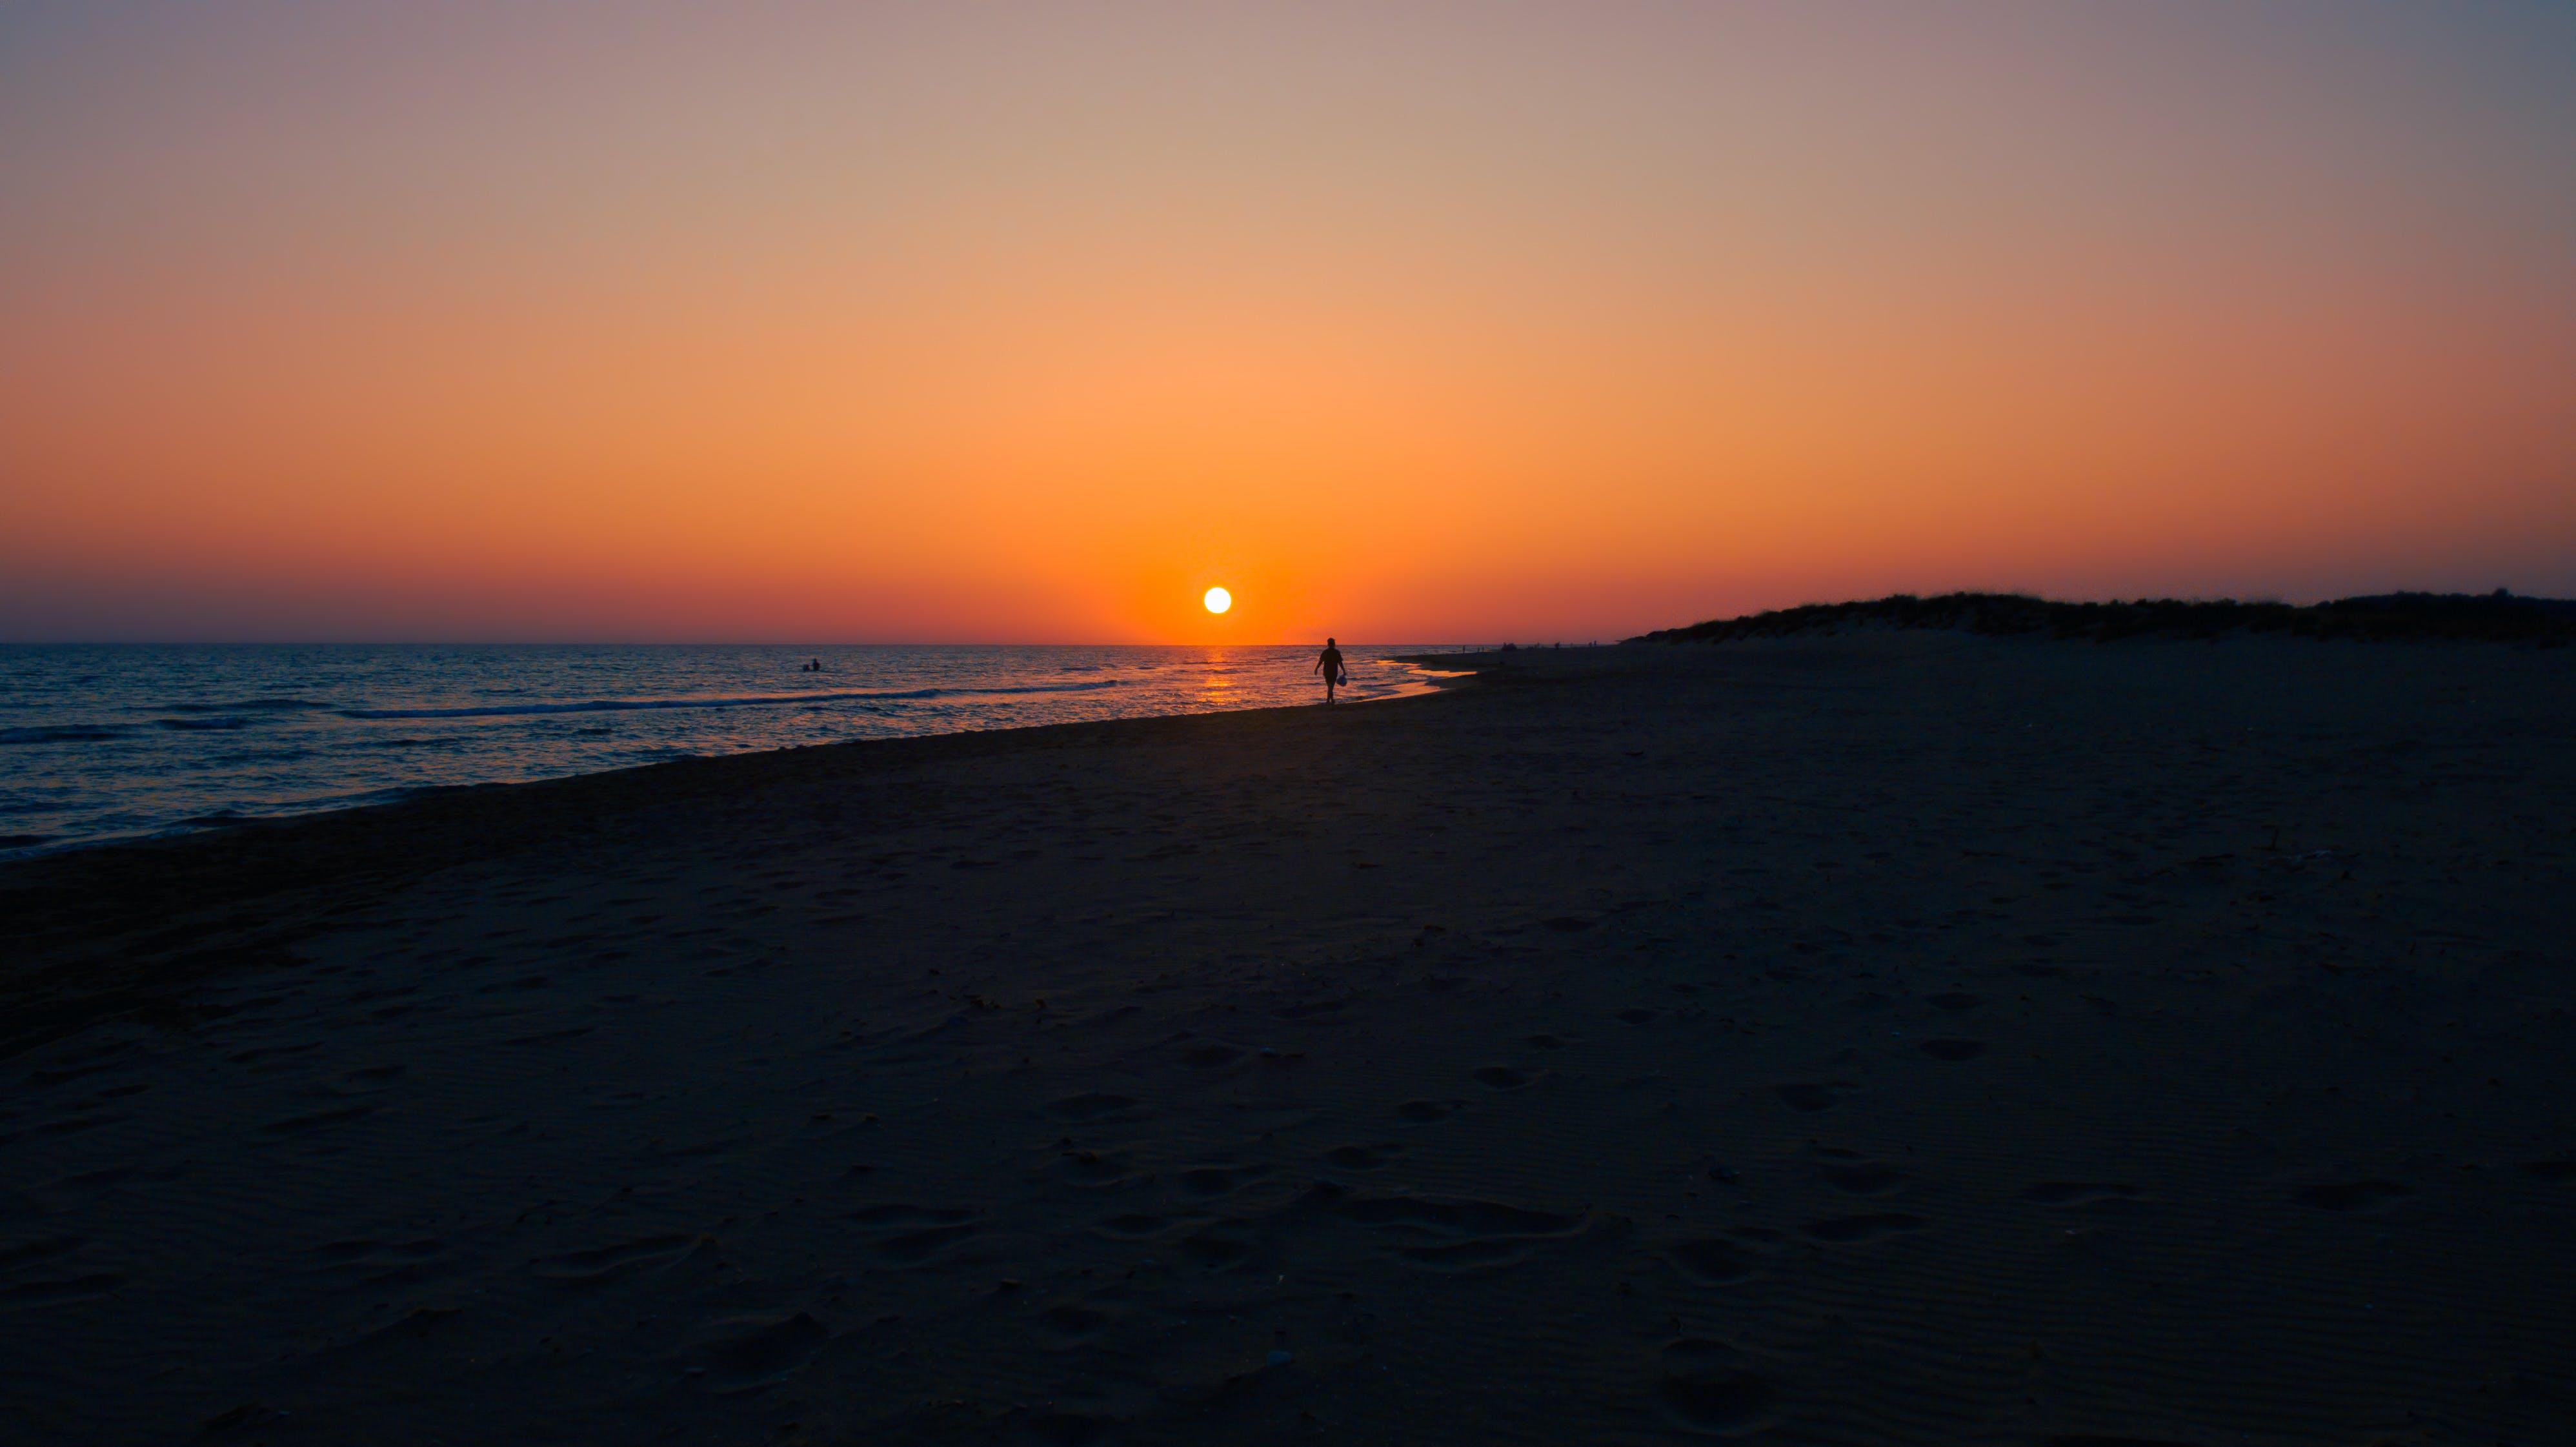 그리스, 라시시, 바다, 바다 경치의 무료 스톡 사진